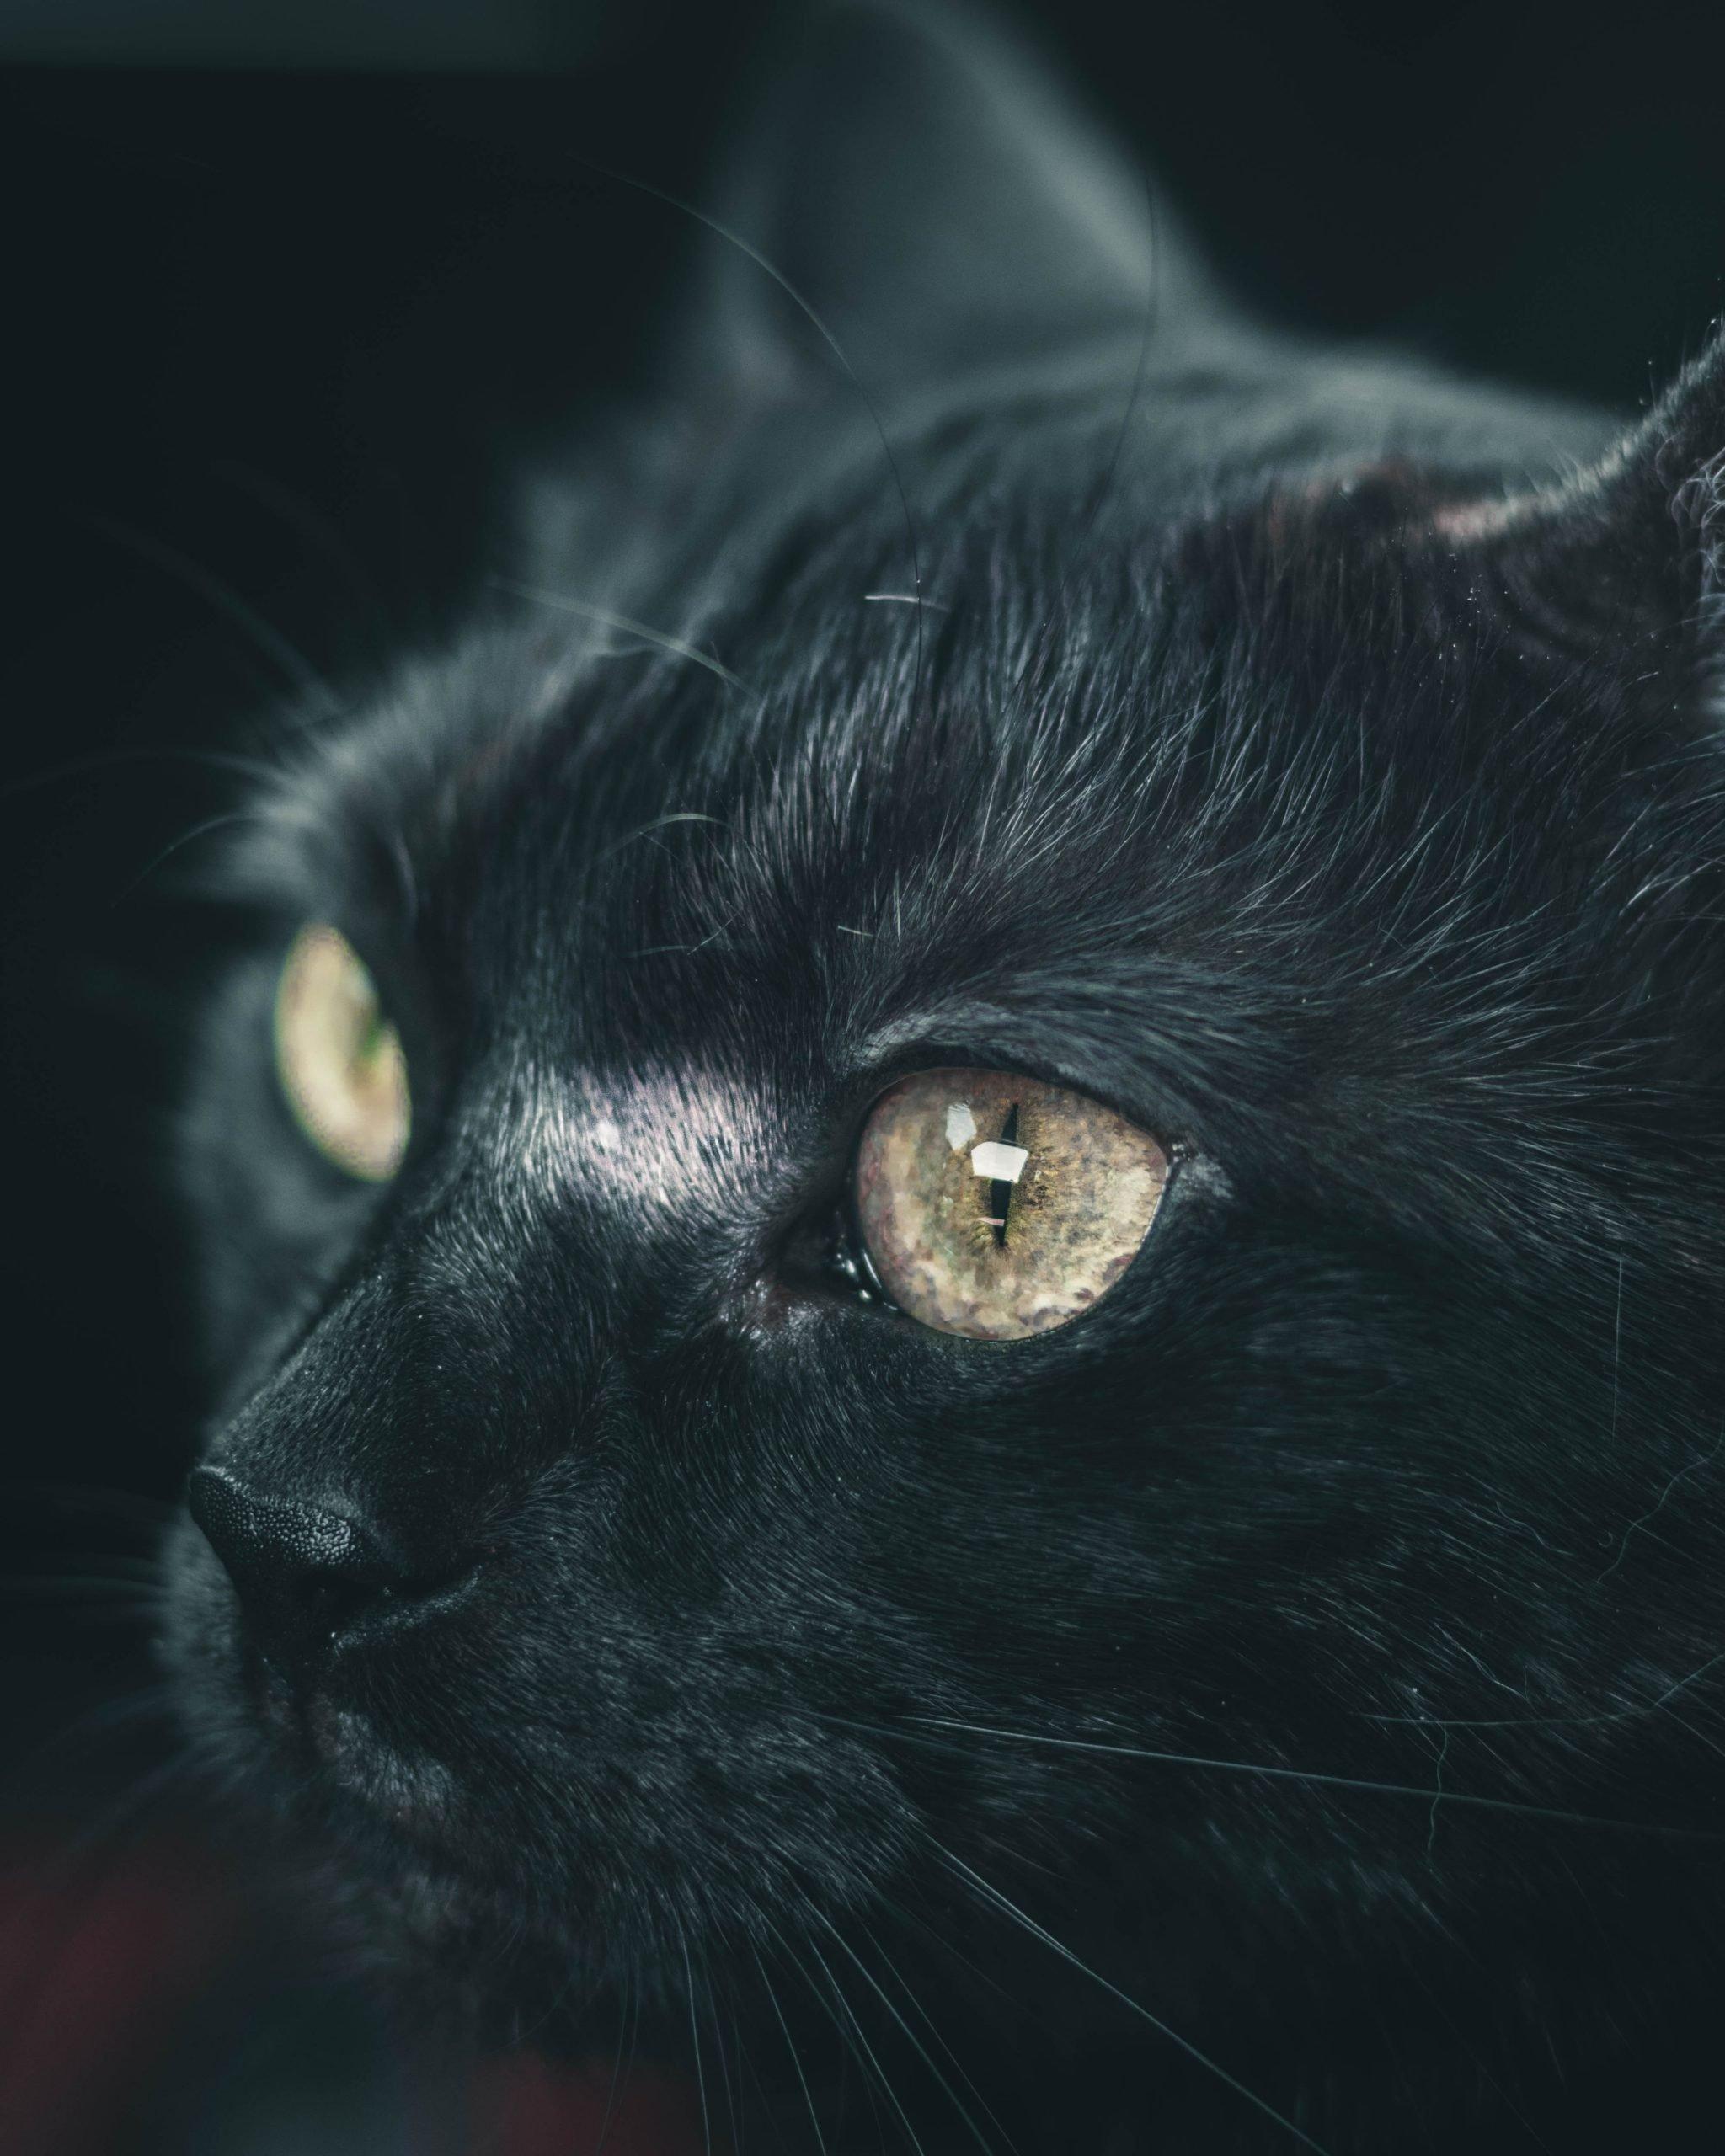 Storie di gatti neri: la gabbianella e il gatto che le insegnò a volare.